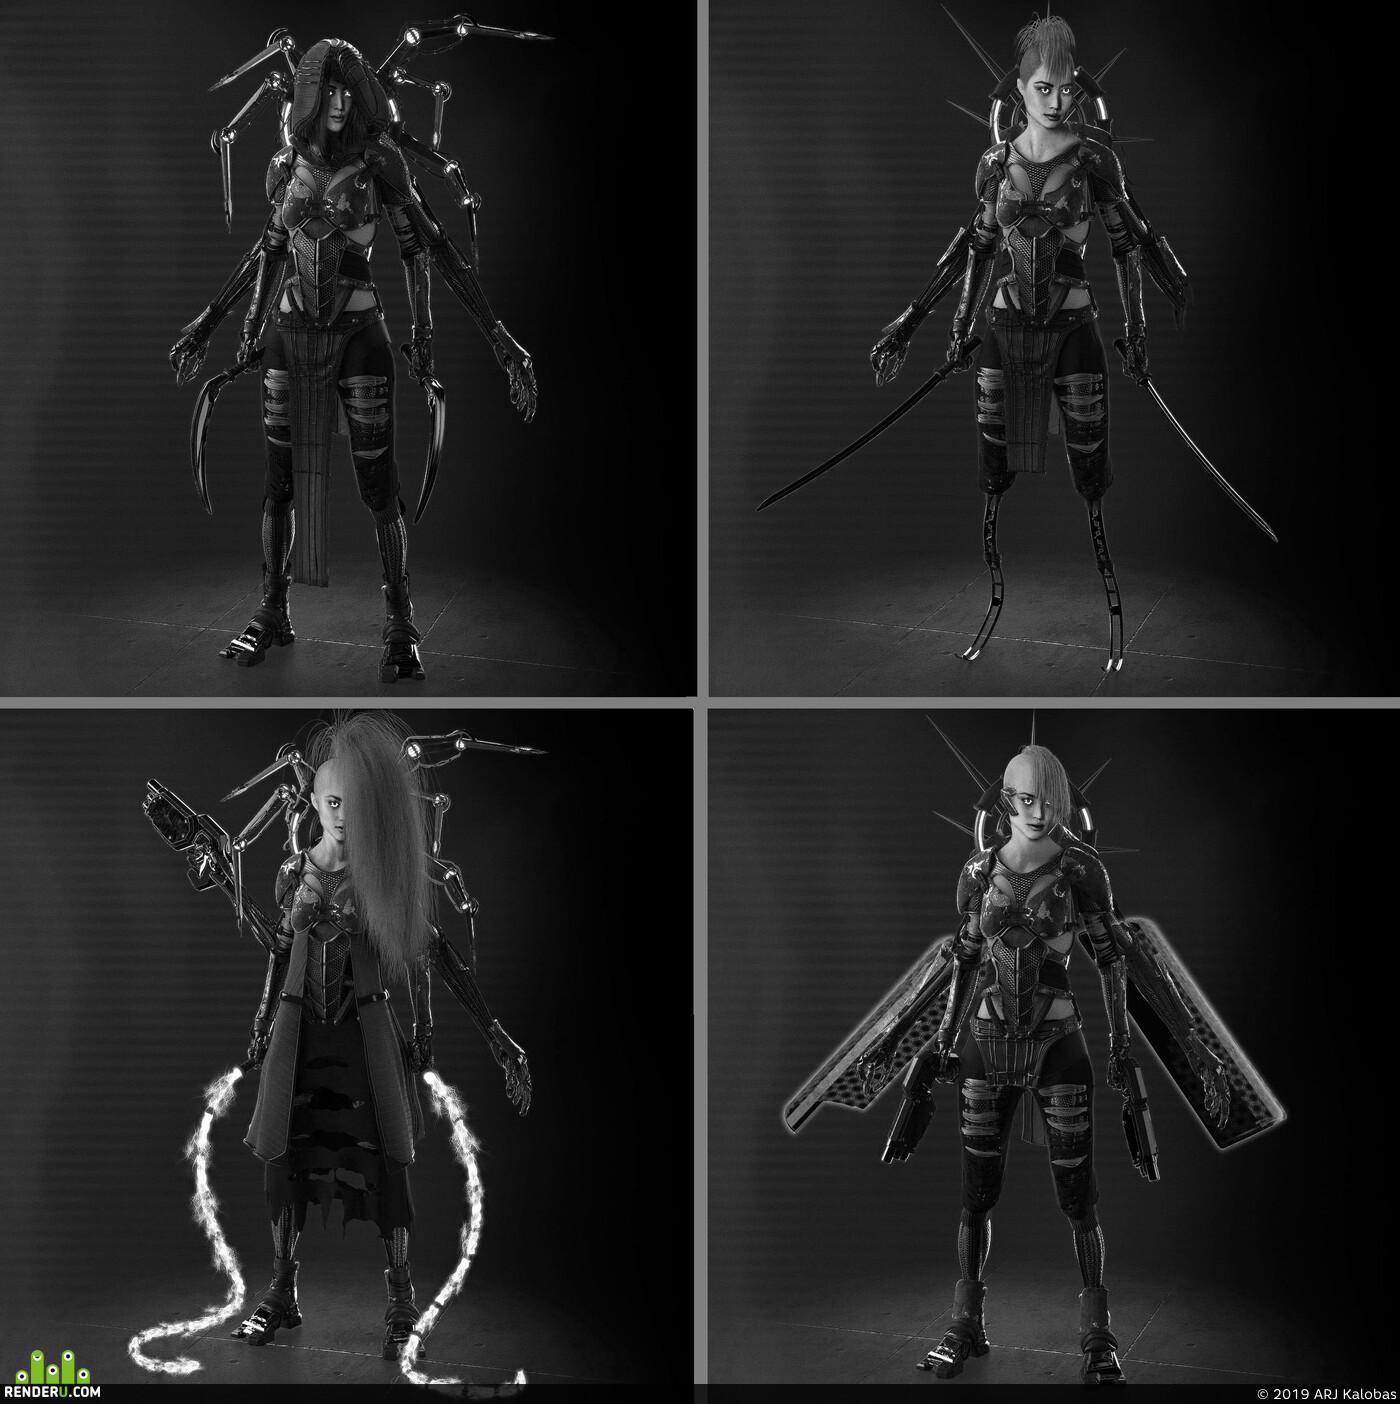 concept-art Character design_character Characters characterdesign characterart cyber punk cyber sci-fi sci-fi armor sci-fi helmet